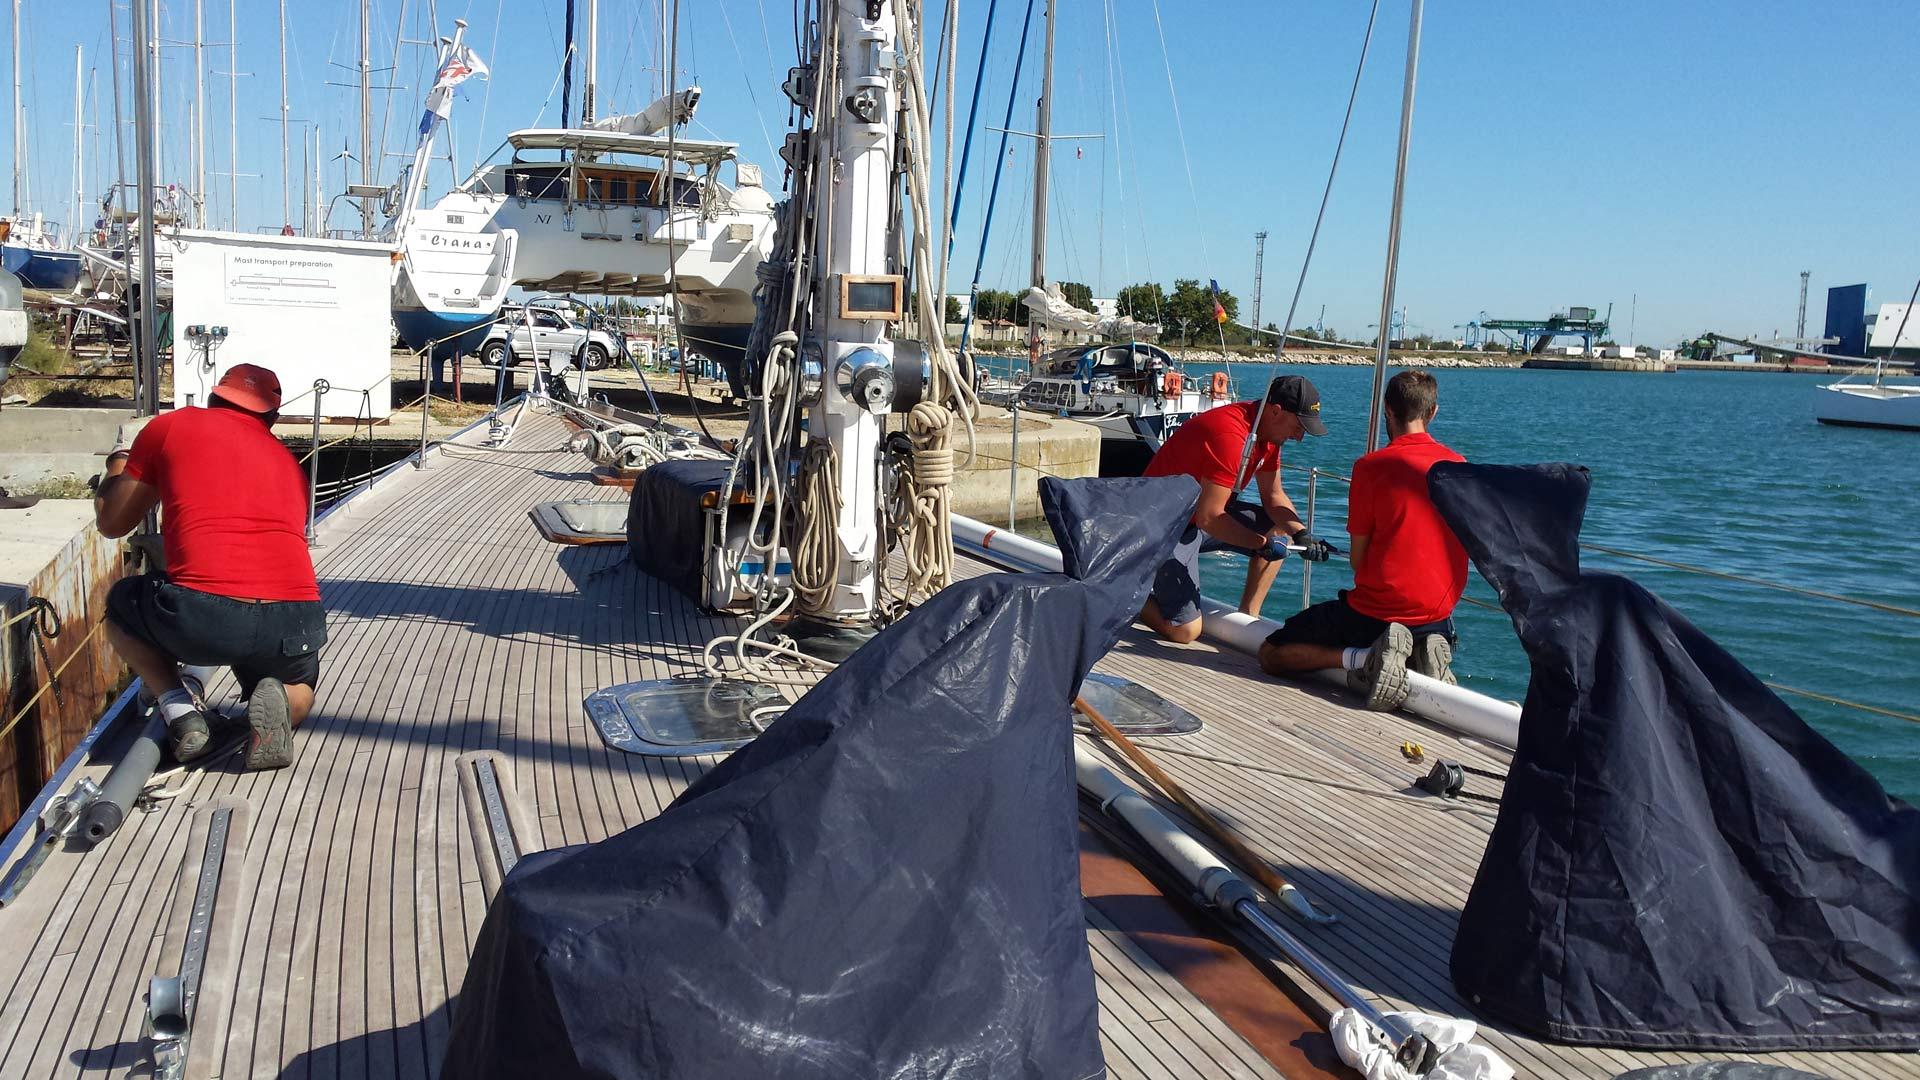 Navy service Port à sec Port saint louis du rhône